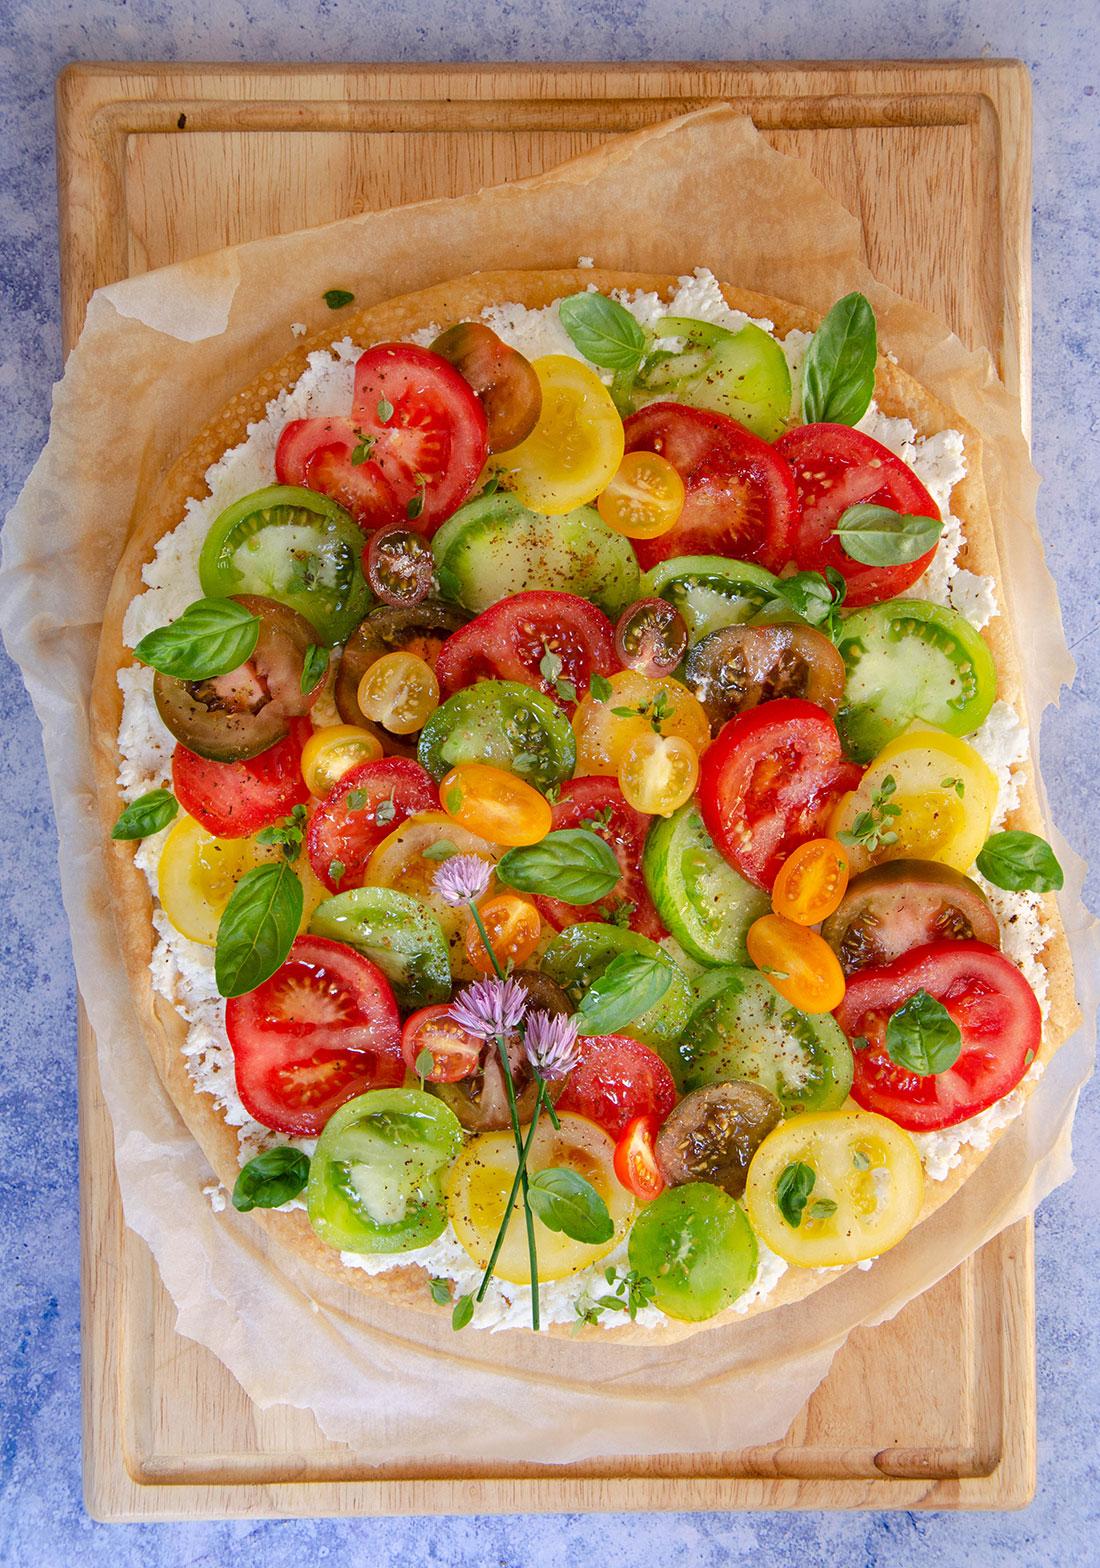 Recette de tarte feuilletée tomates multicolores maison